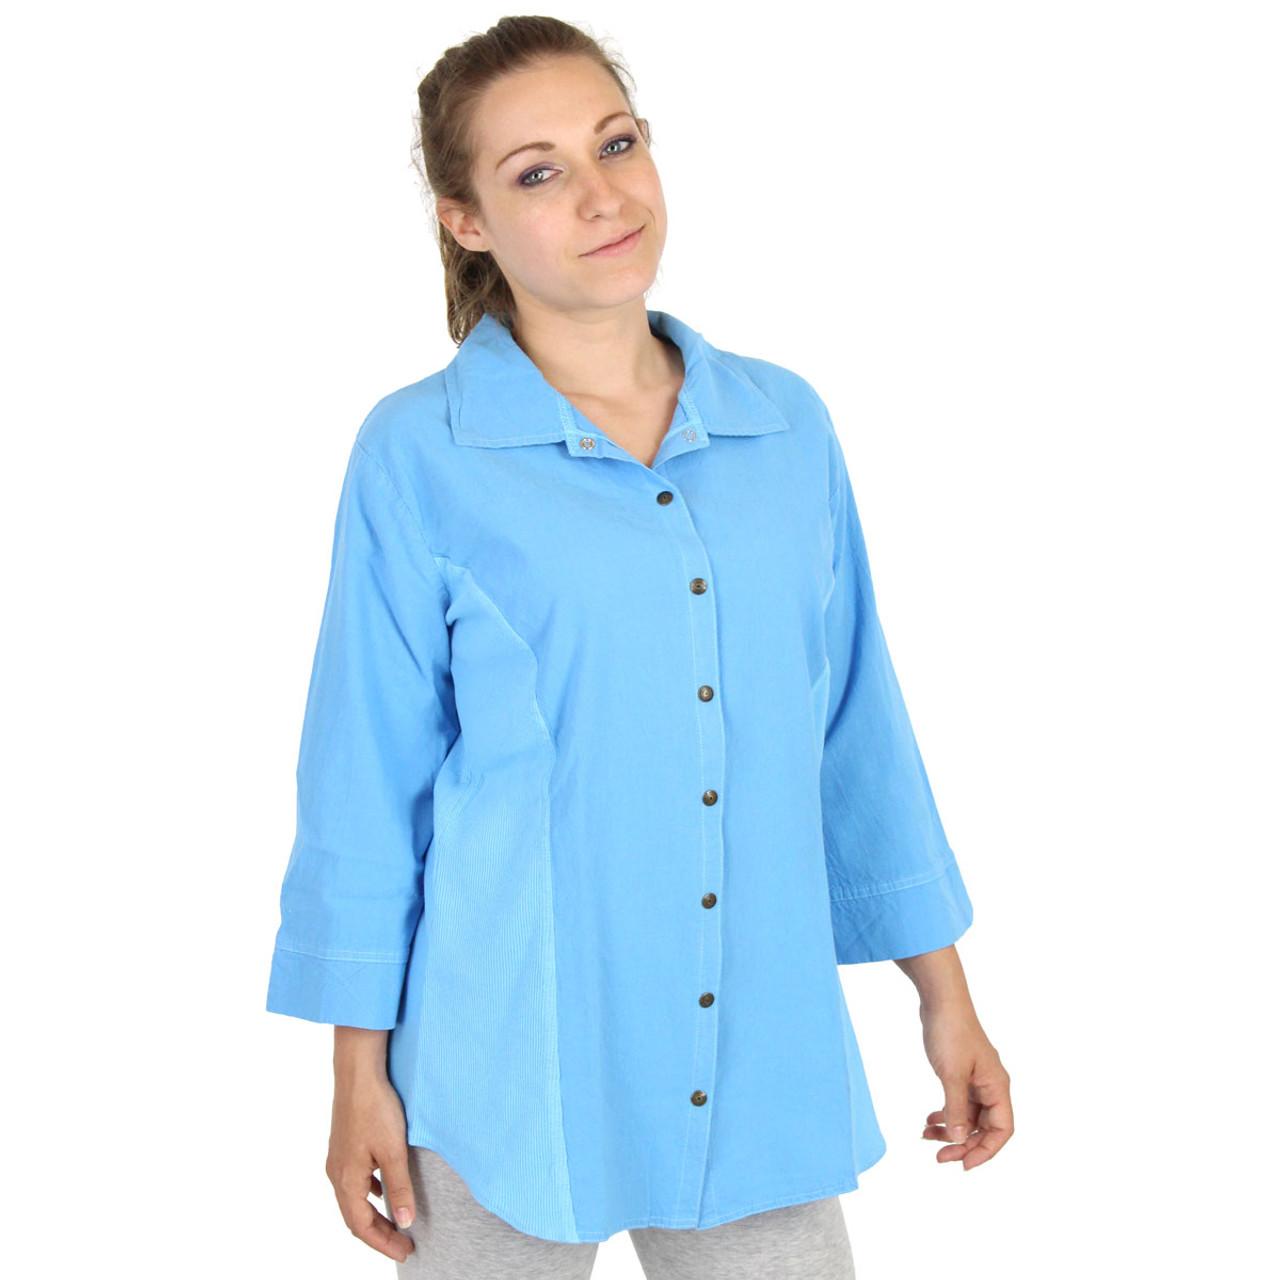 0de115804 HoneyKomb Corded 3 Qtr Sleeve Tailored Blouse Top Shirt / Ezze Wear ...